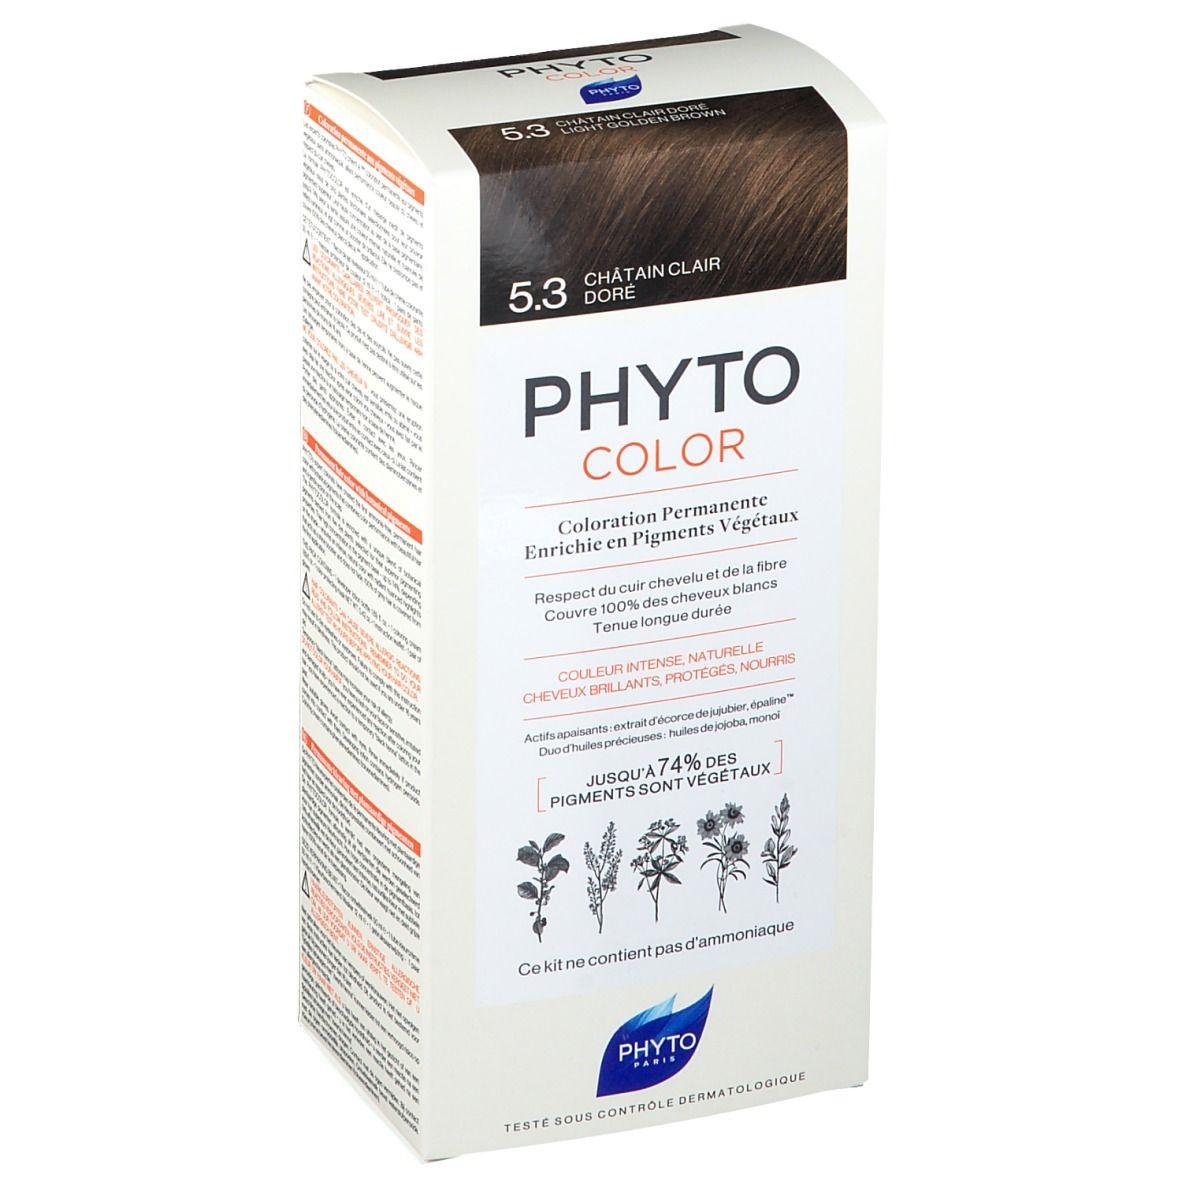 PHYTOCOLOR 5.3 Châtain clair doré pc(s) crème